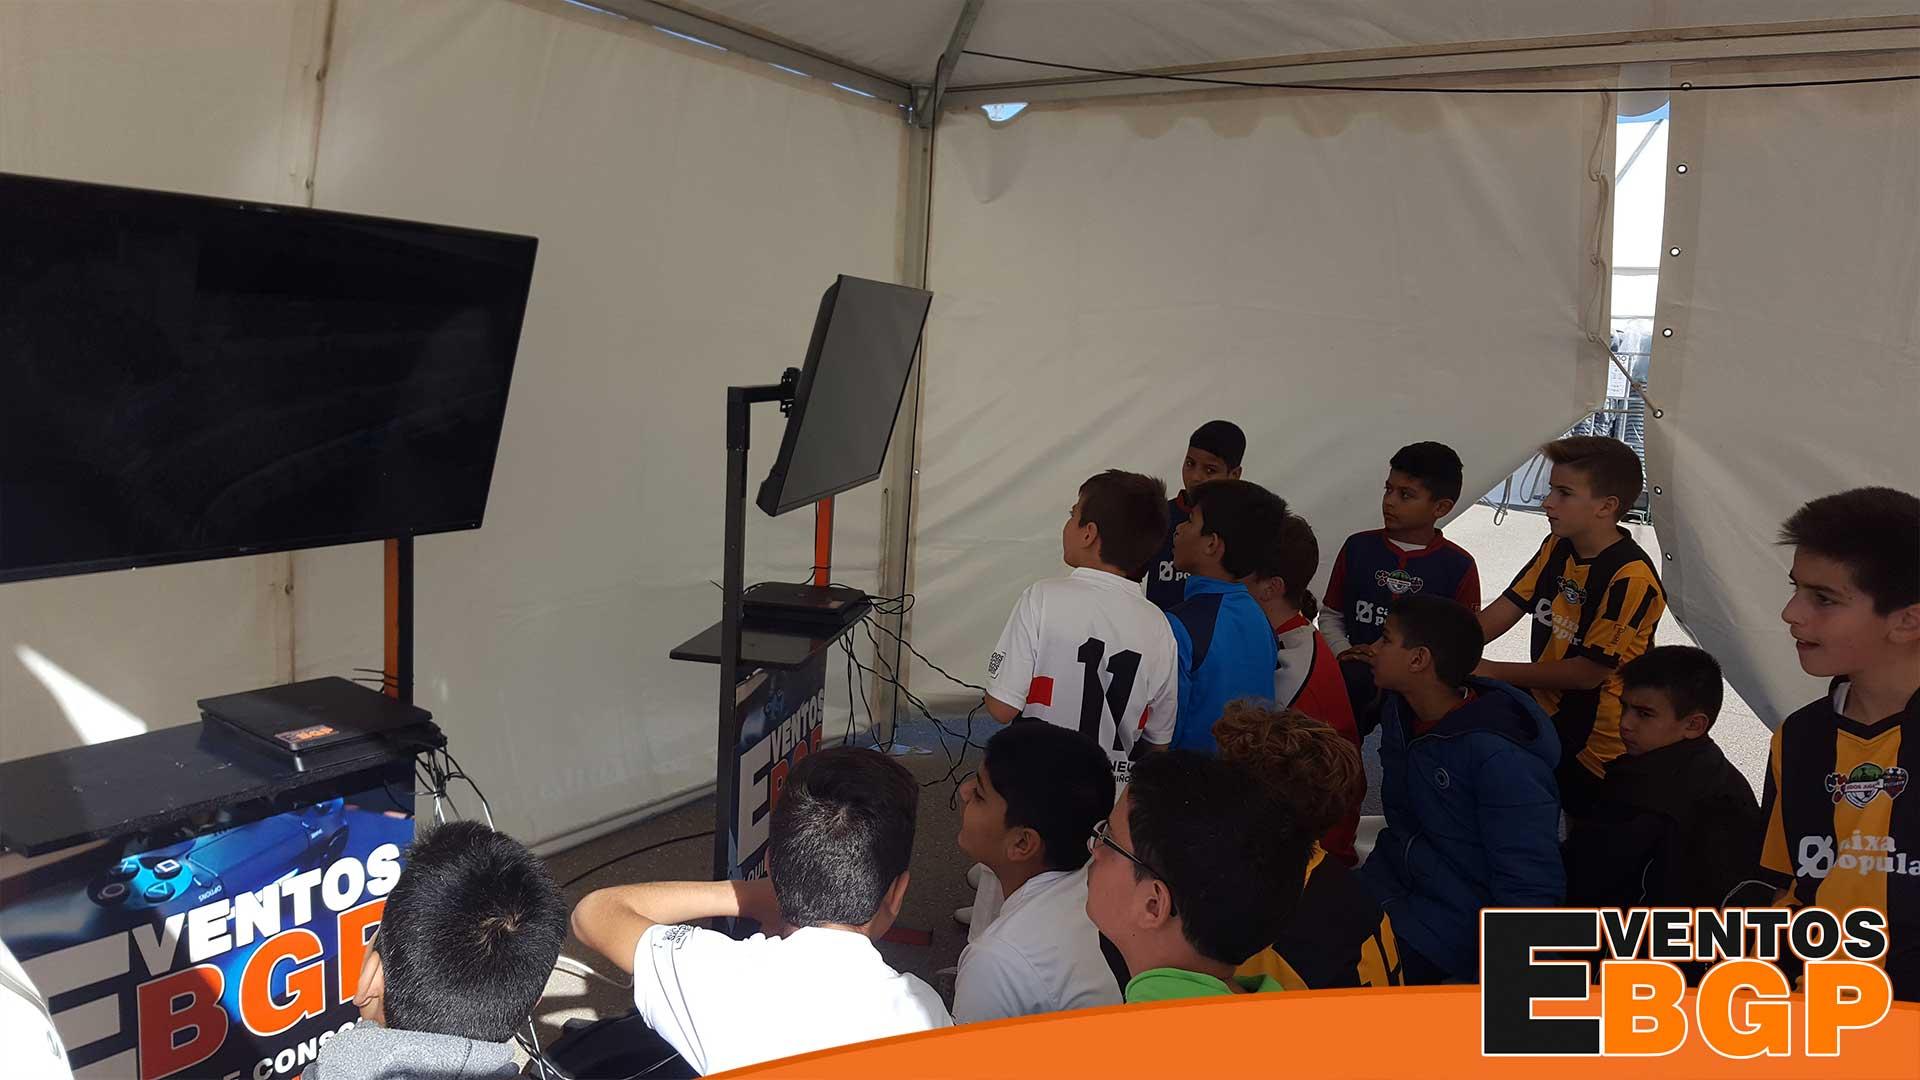 Fotografía Levante Club de Fútbol con Eventos BGP